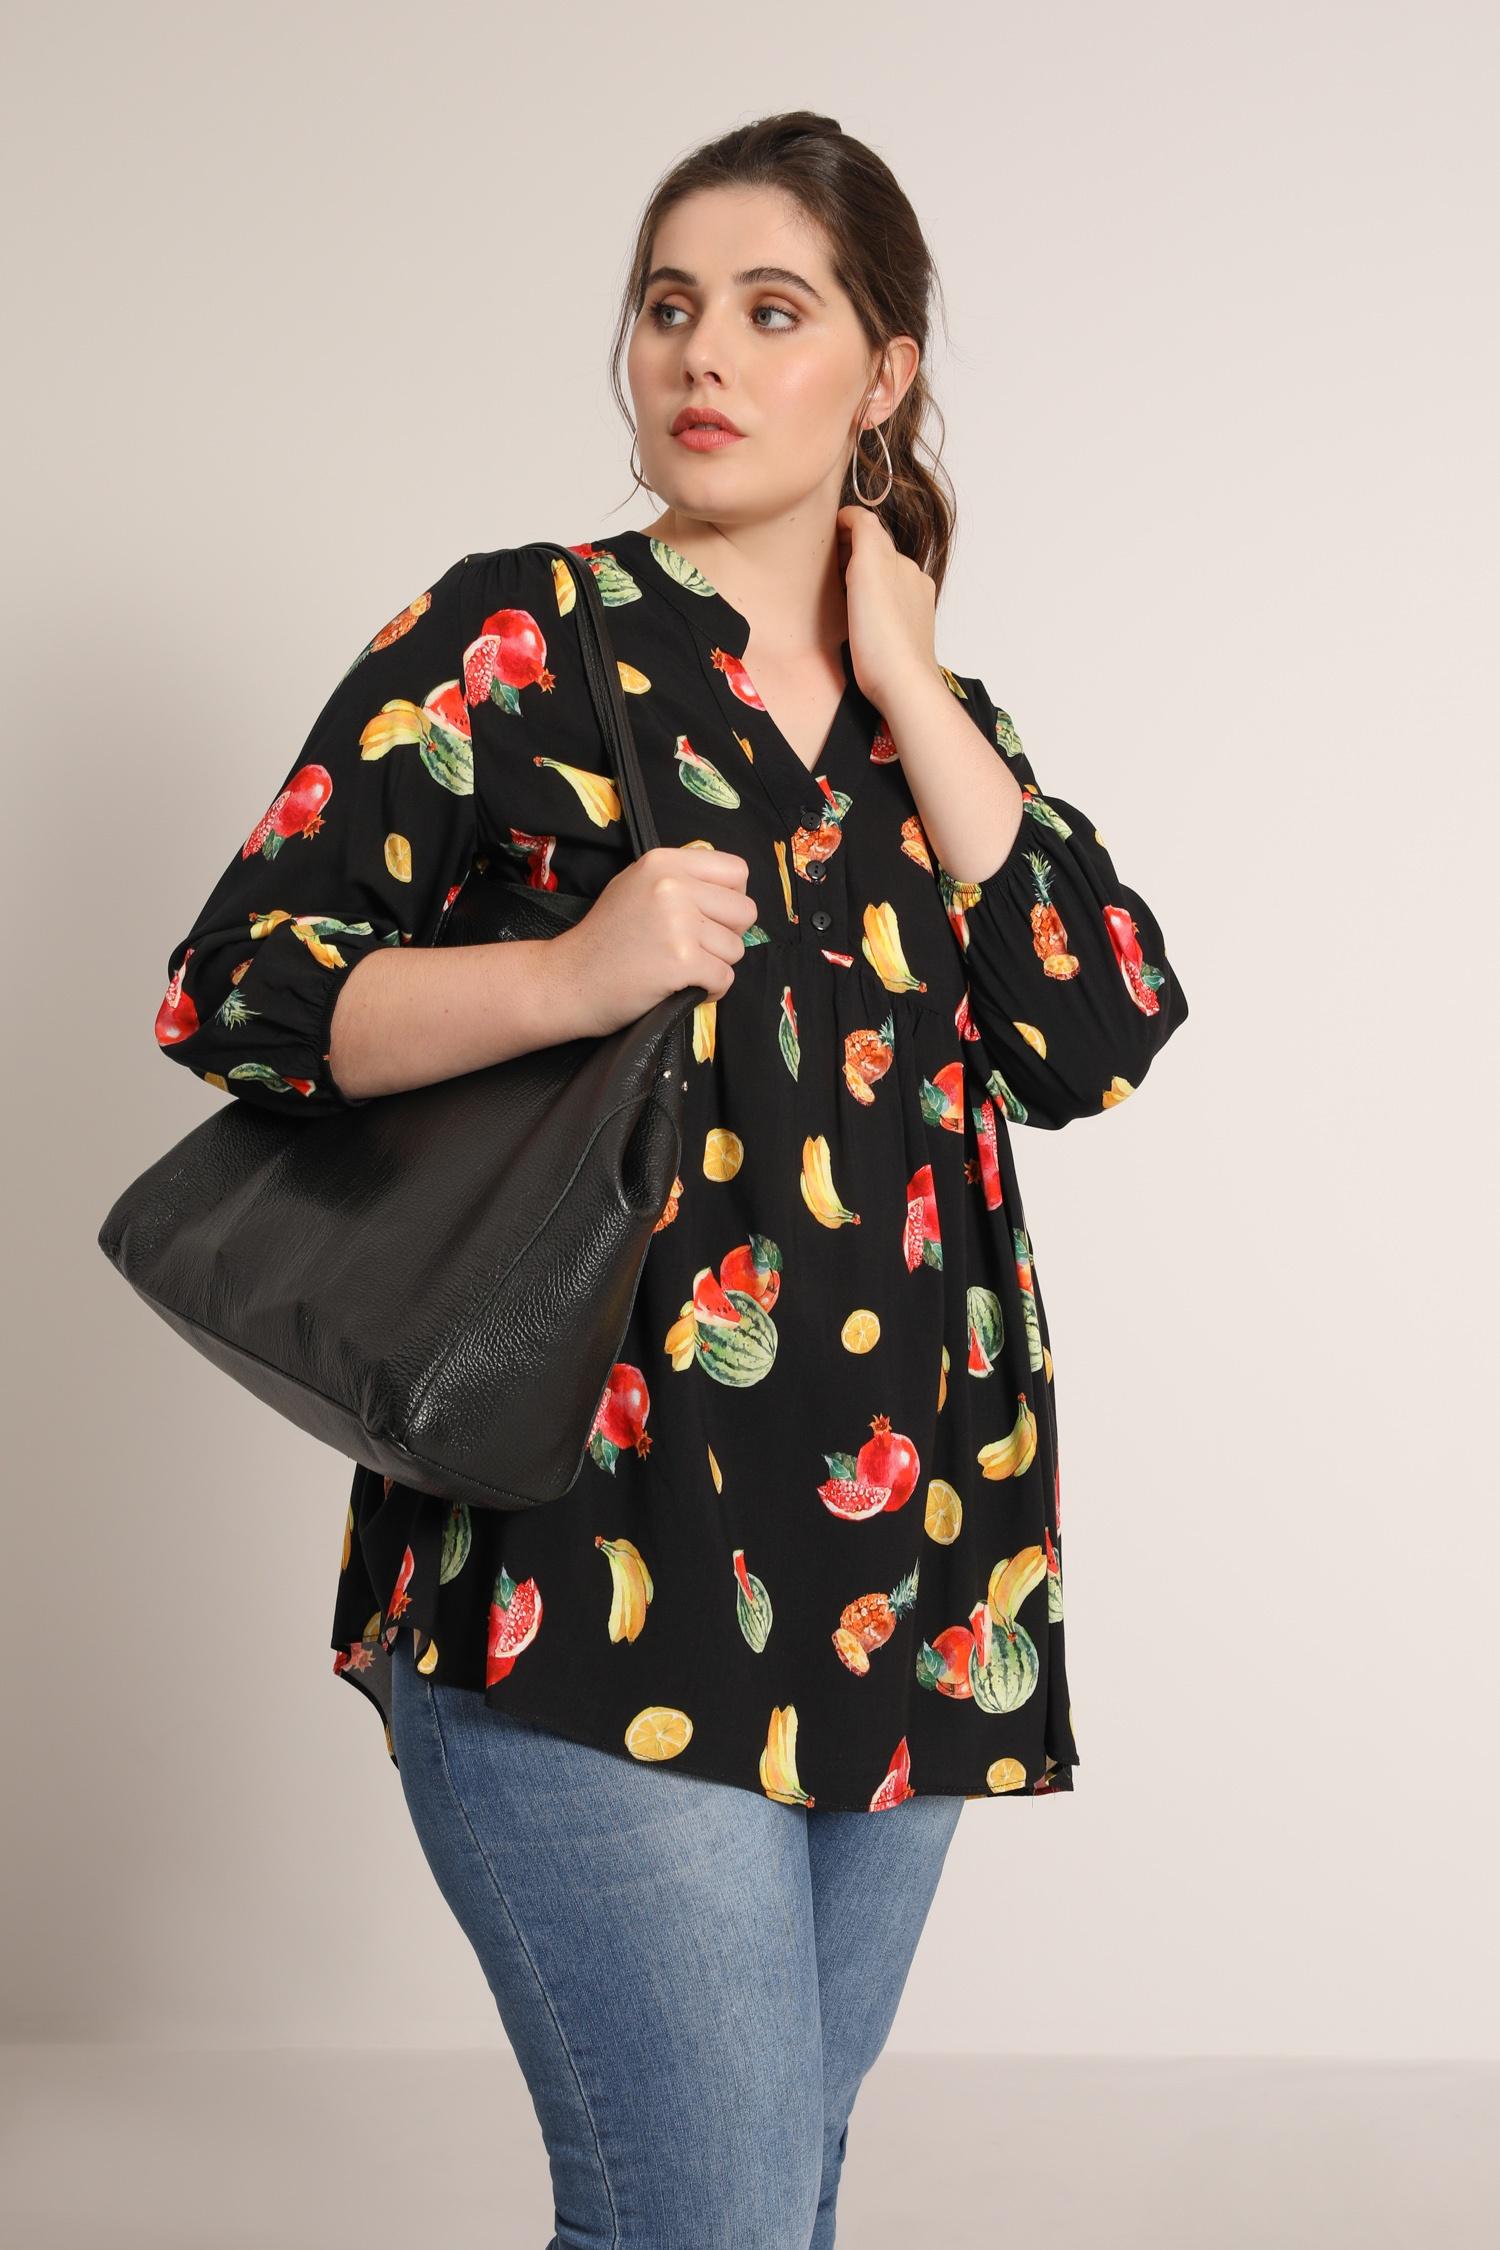 Watermelon print blouse